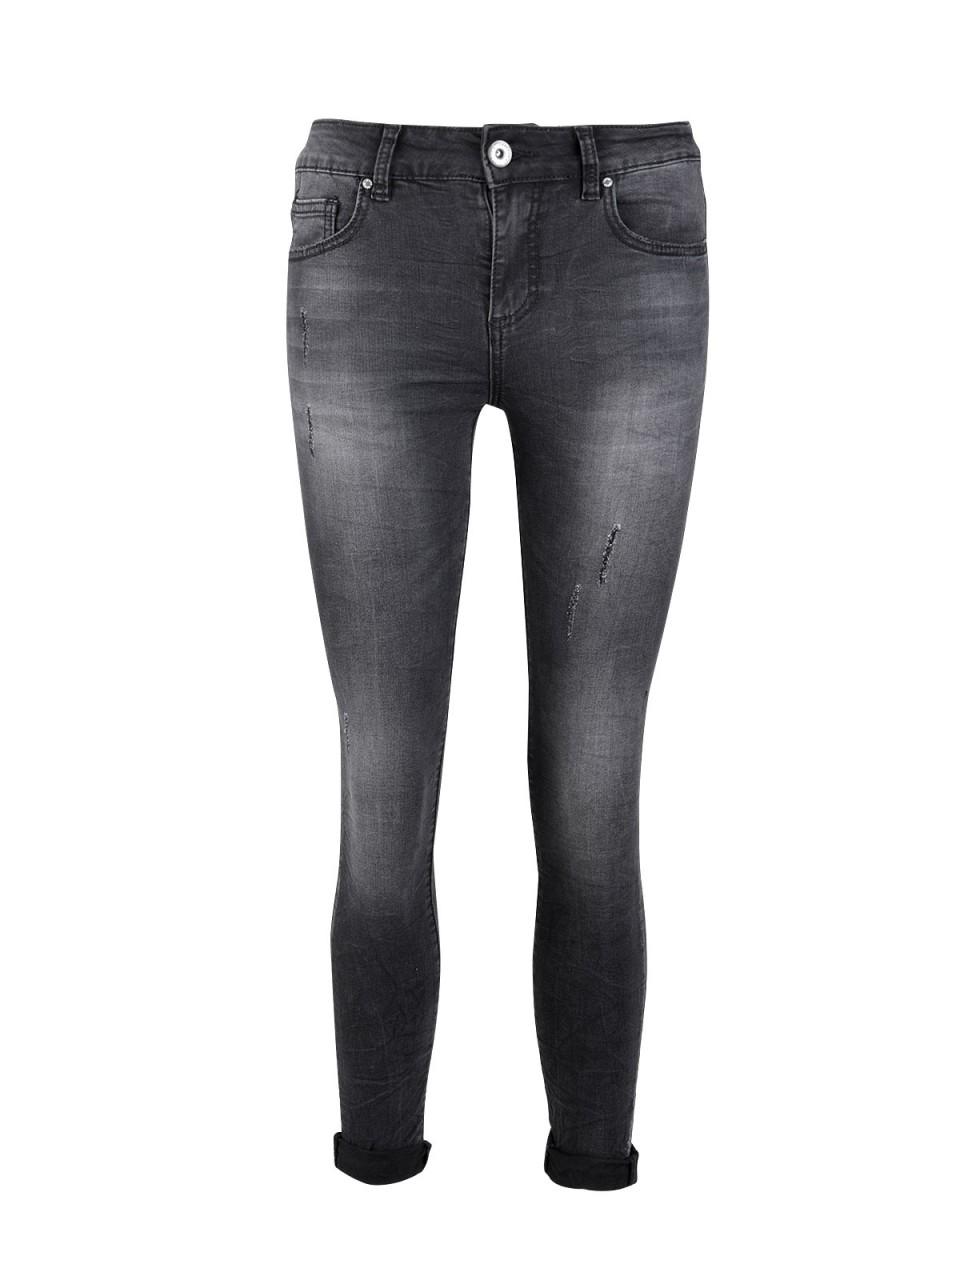 Hosen für Frauen - 3D DENIM Damen Ankle Jeans 3D 619 , schwarz  - Onlineshop Designermode.com